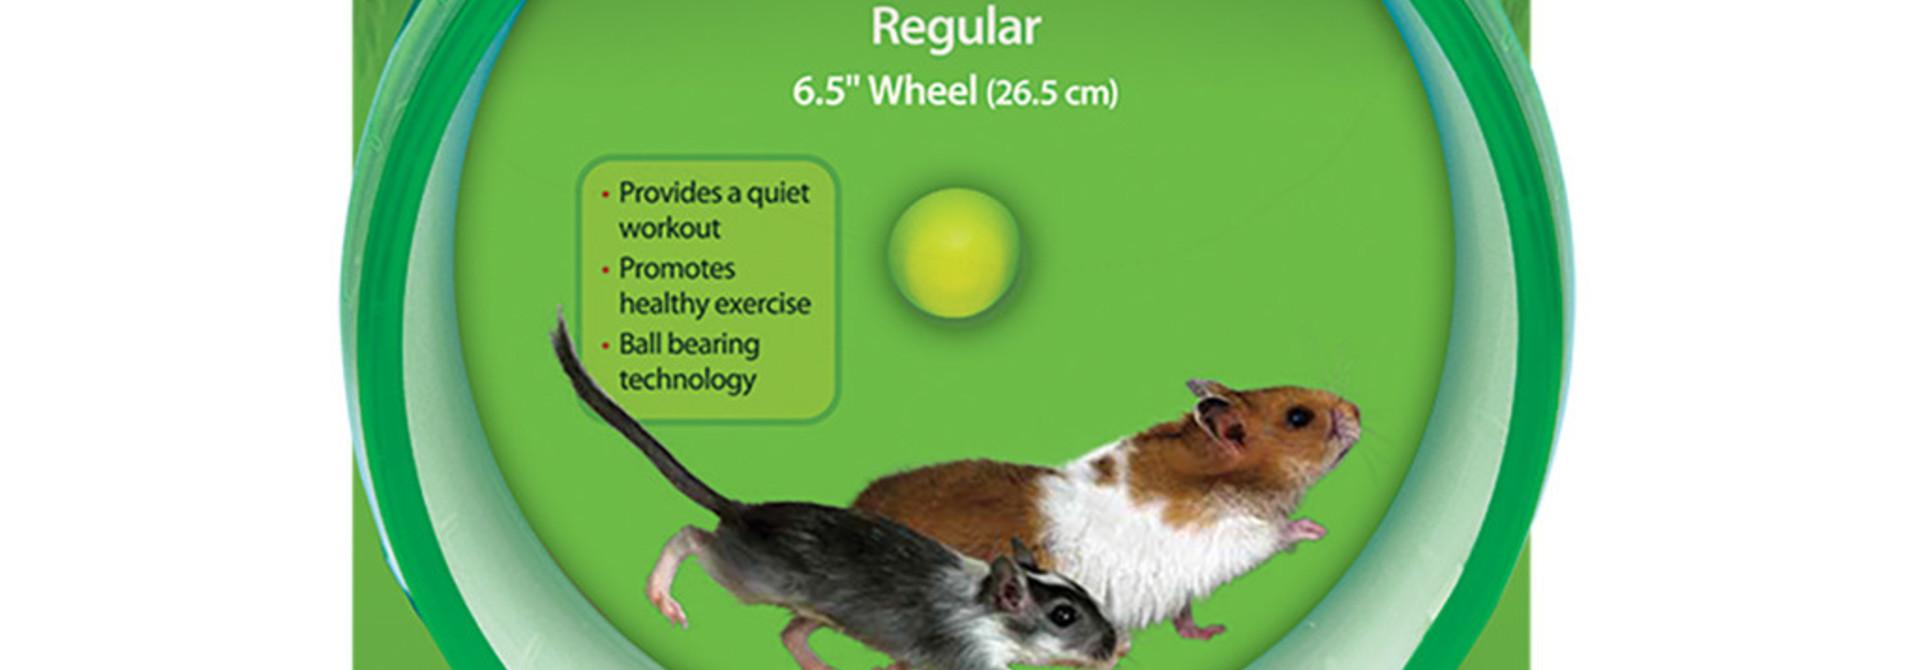 Silent Spinner Wheel Regular 6.5